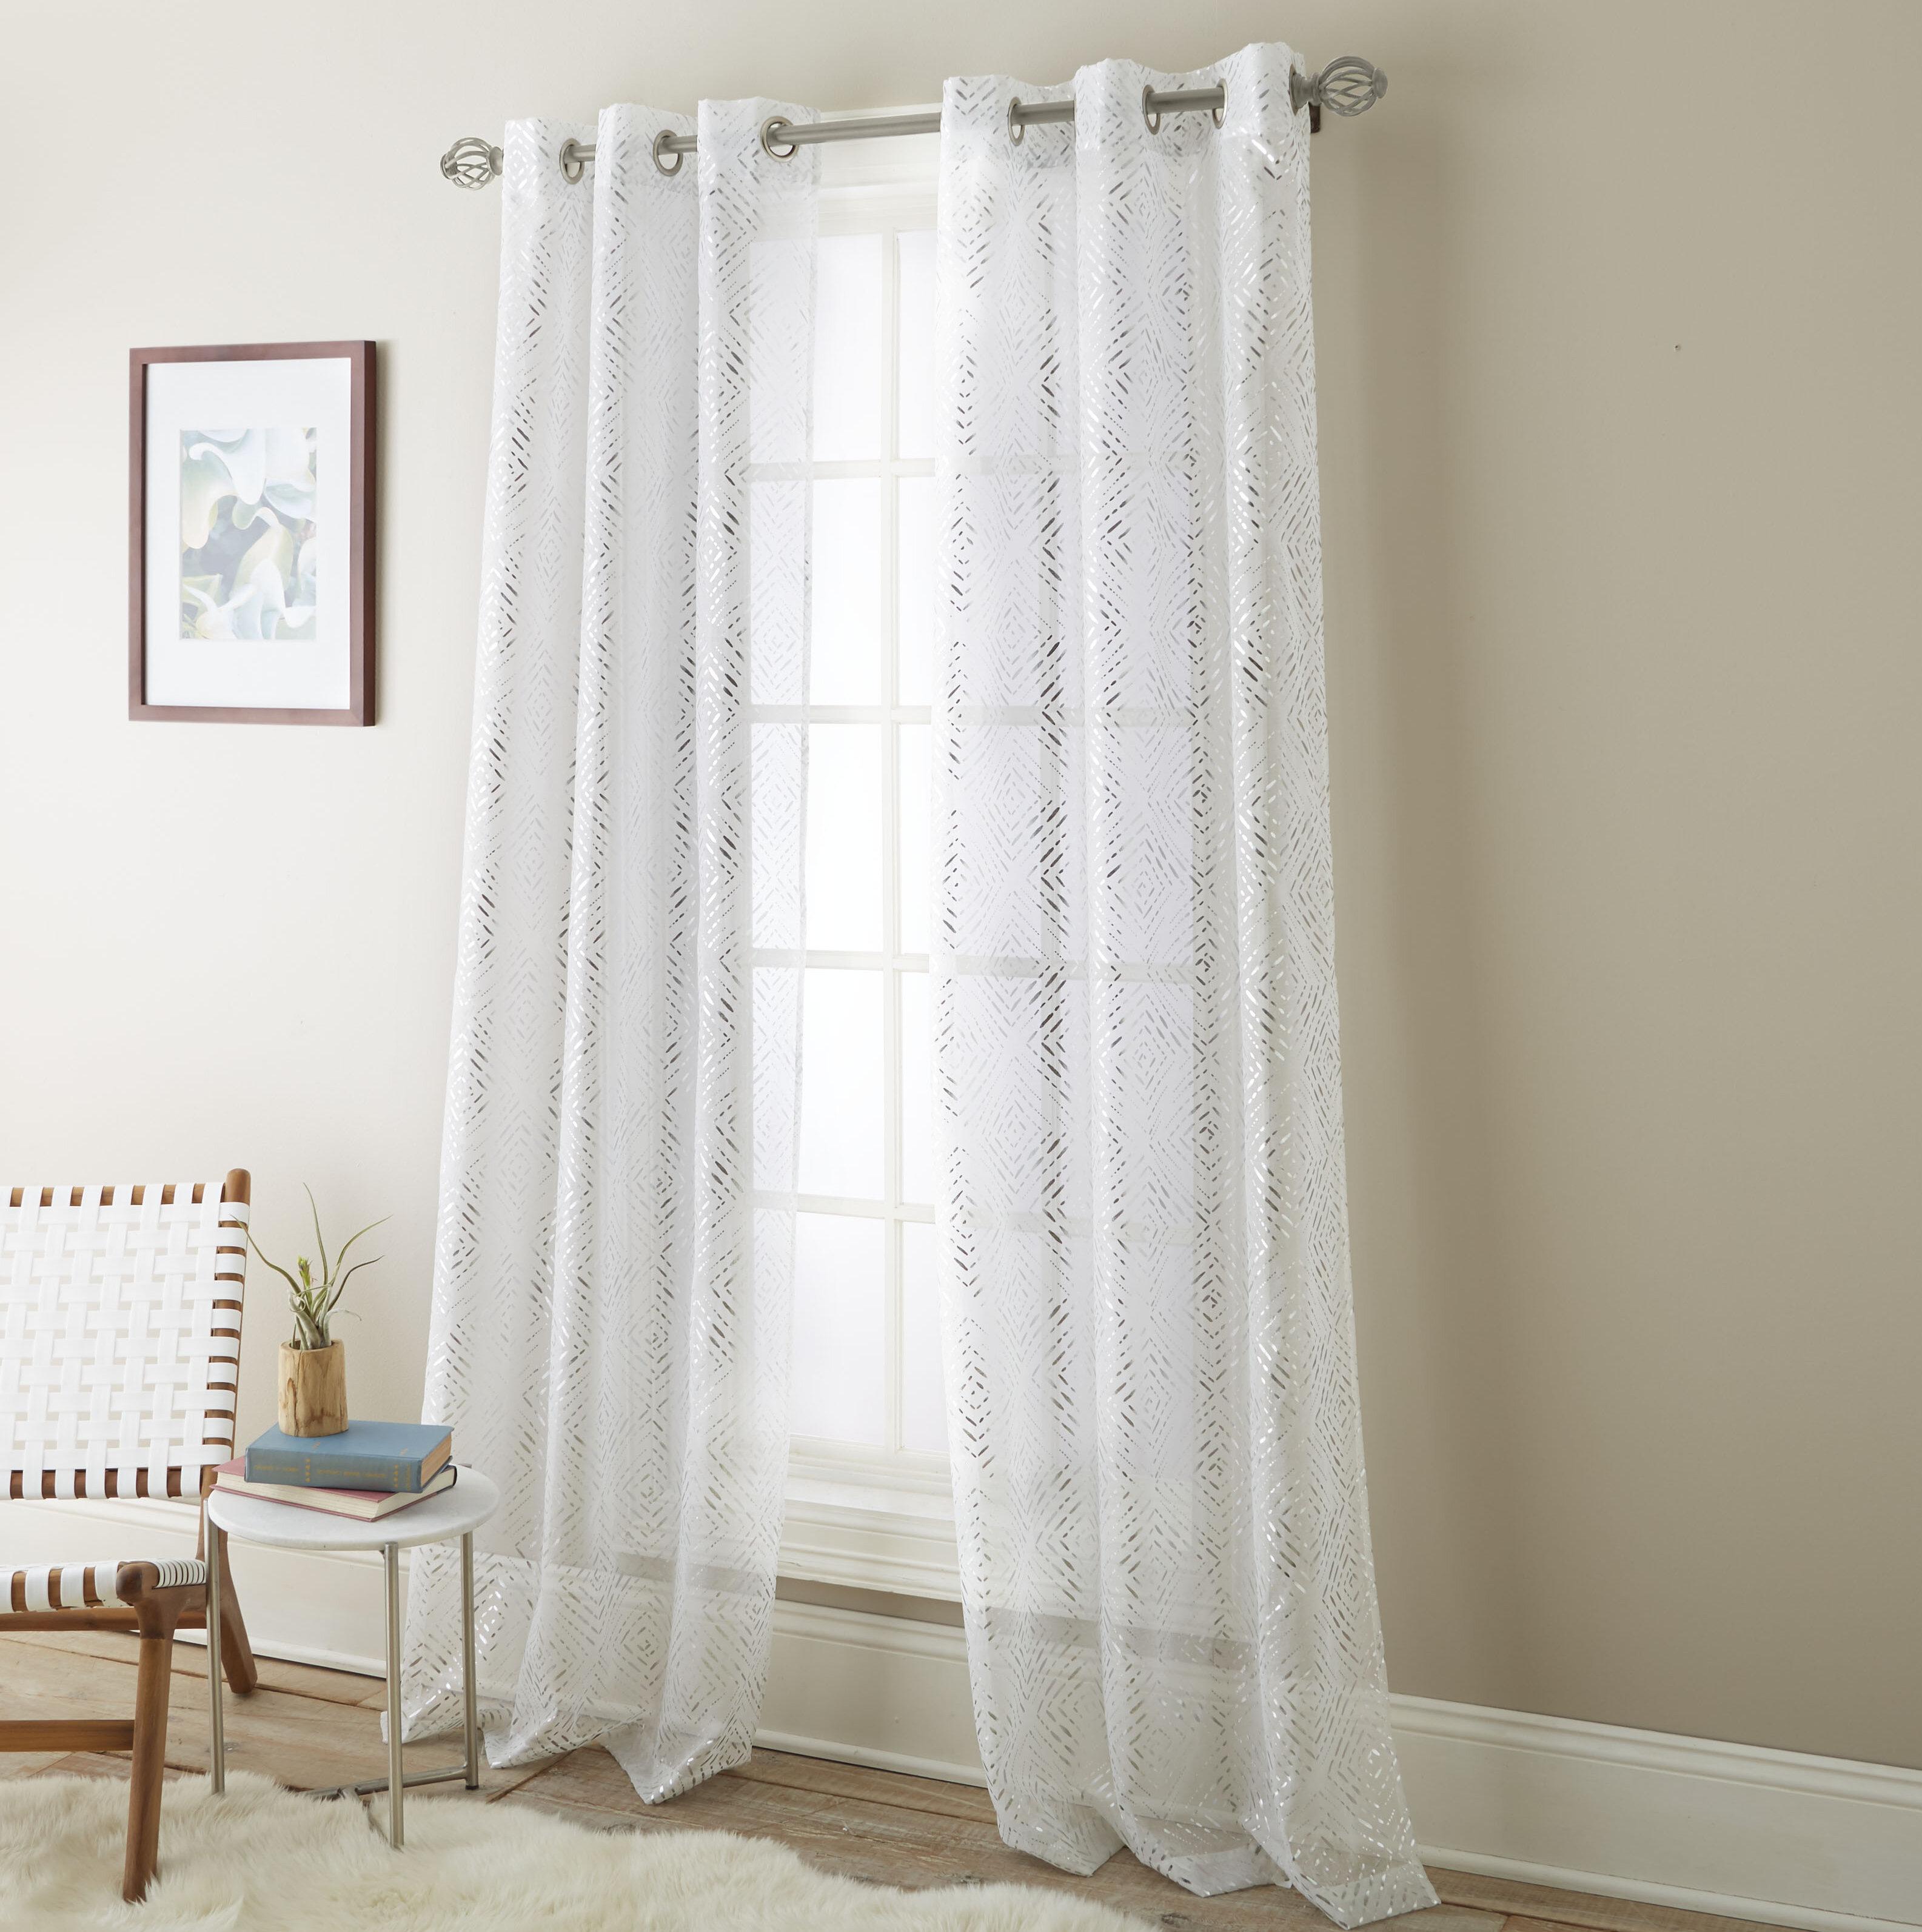 Bungalow Rose Eves Solid Sheer Grommet Curtain Panels Reviews Wayfair